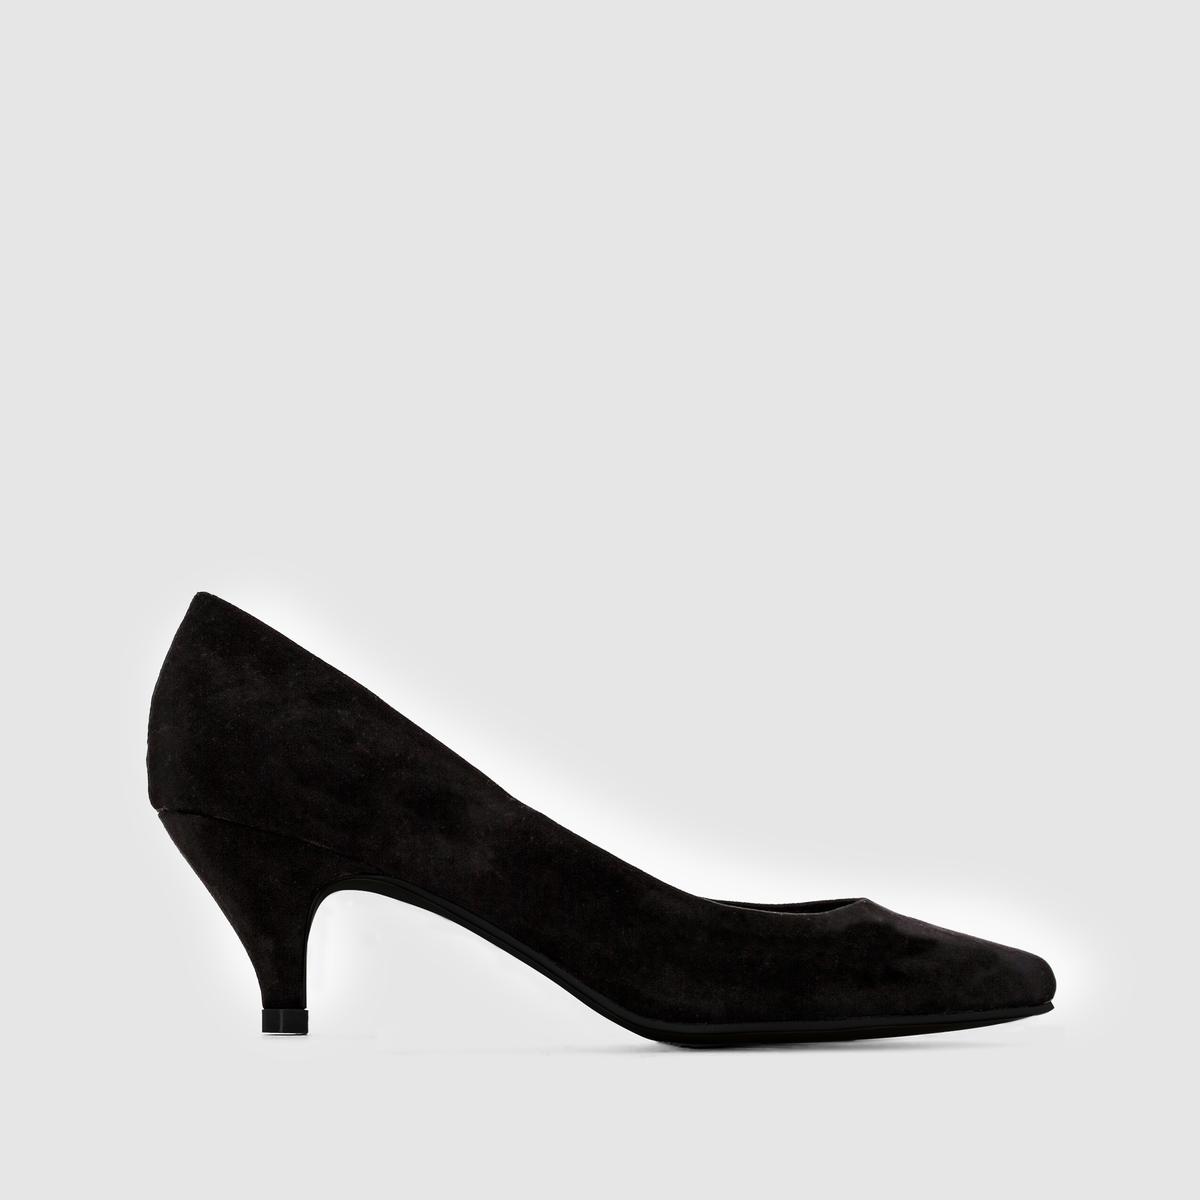 ТуфлиМарка : CASTALUNA.Модель подходит : для широкой ступни.Верх : искусственная замша.Подкладка : парусинаСтелька : кожа на пористой основе. Подошва : нескользящий эластомер.Высота каблука : 6  смПреимущества : красивые тонкие каблуки<br><br>Цвет: бежевый,синий,черный,черный/ черный<br>Размер: 39.40.41.44.45.39.42.43.40.42.44.38.40.41.38.40.39